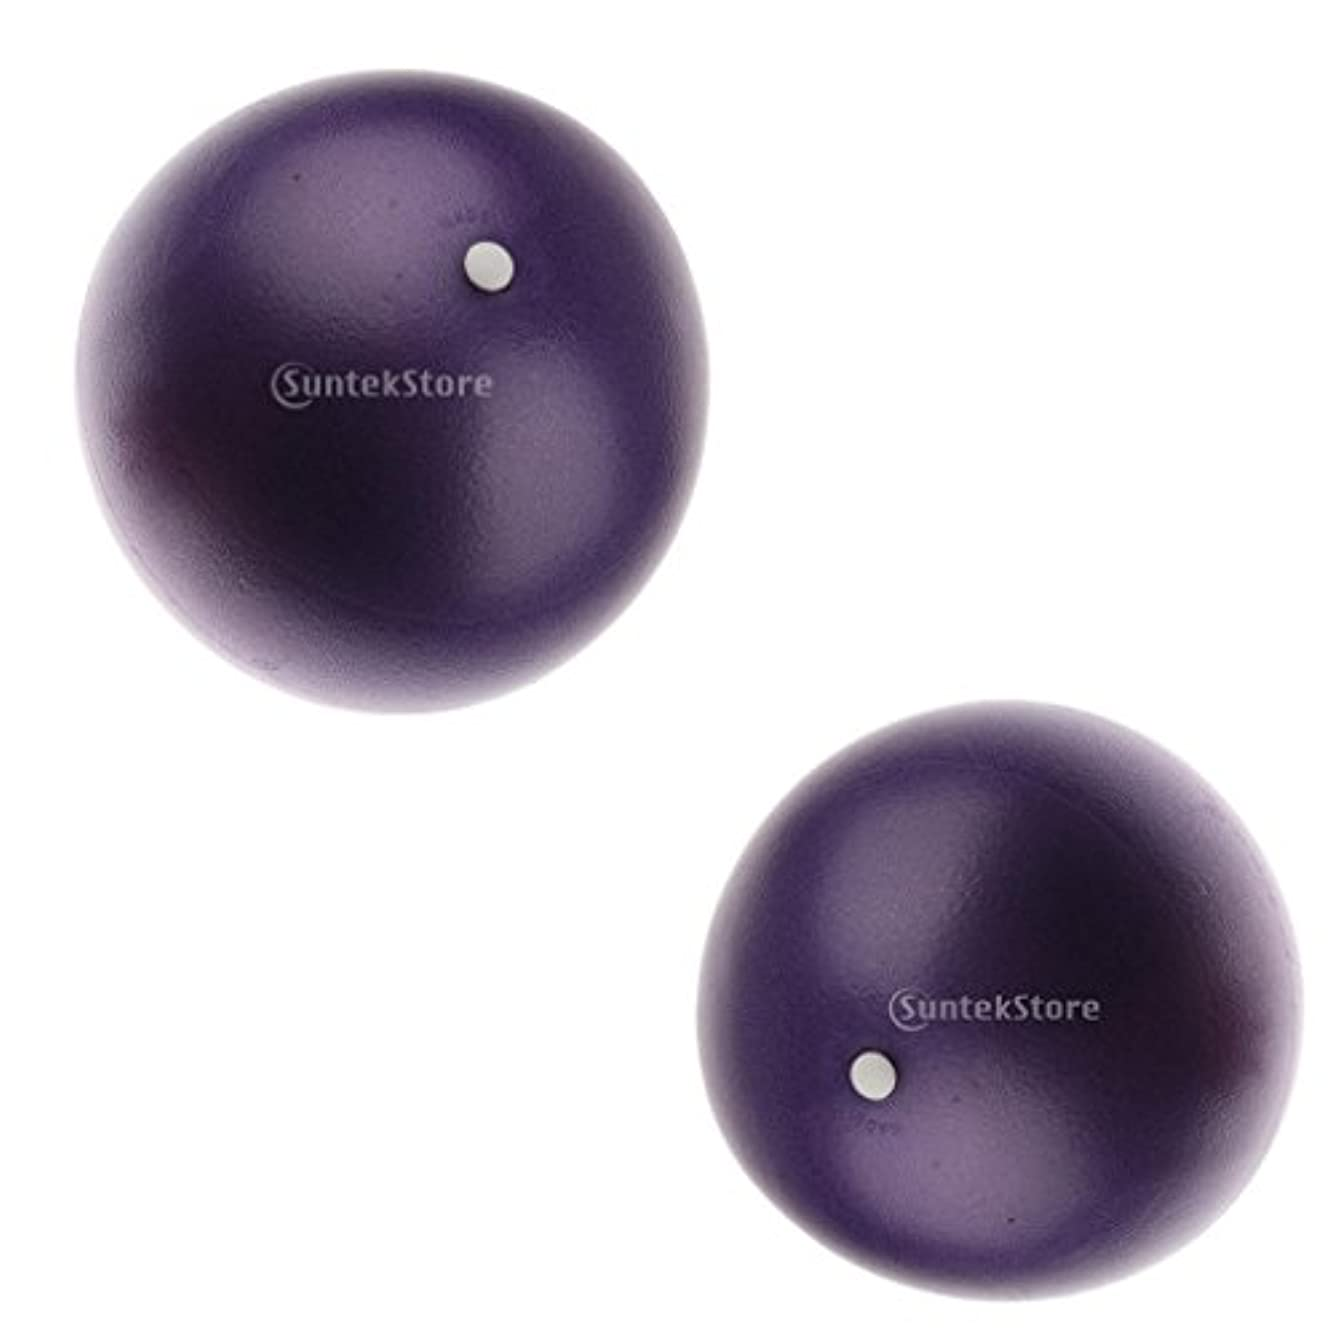 侮辱乳剤異議Perfeclan ヨガボール フィットネスフィット 抗バースト PVC素材 関節保護/健康維持 フィットネスボール